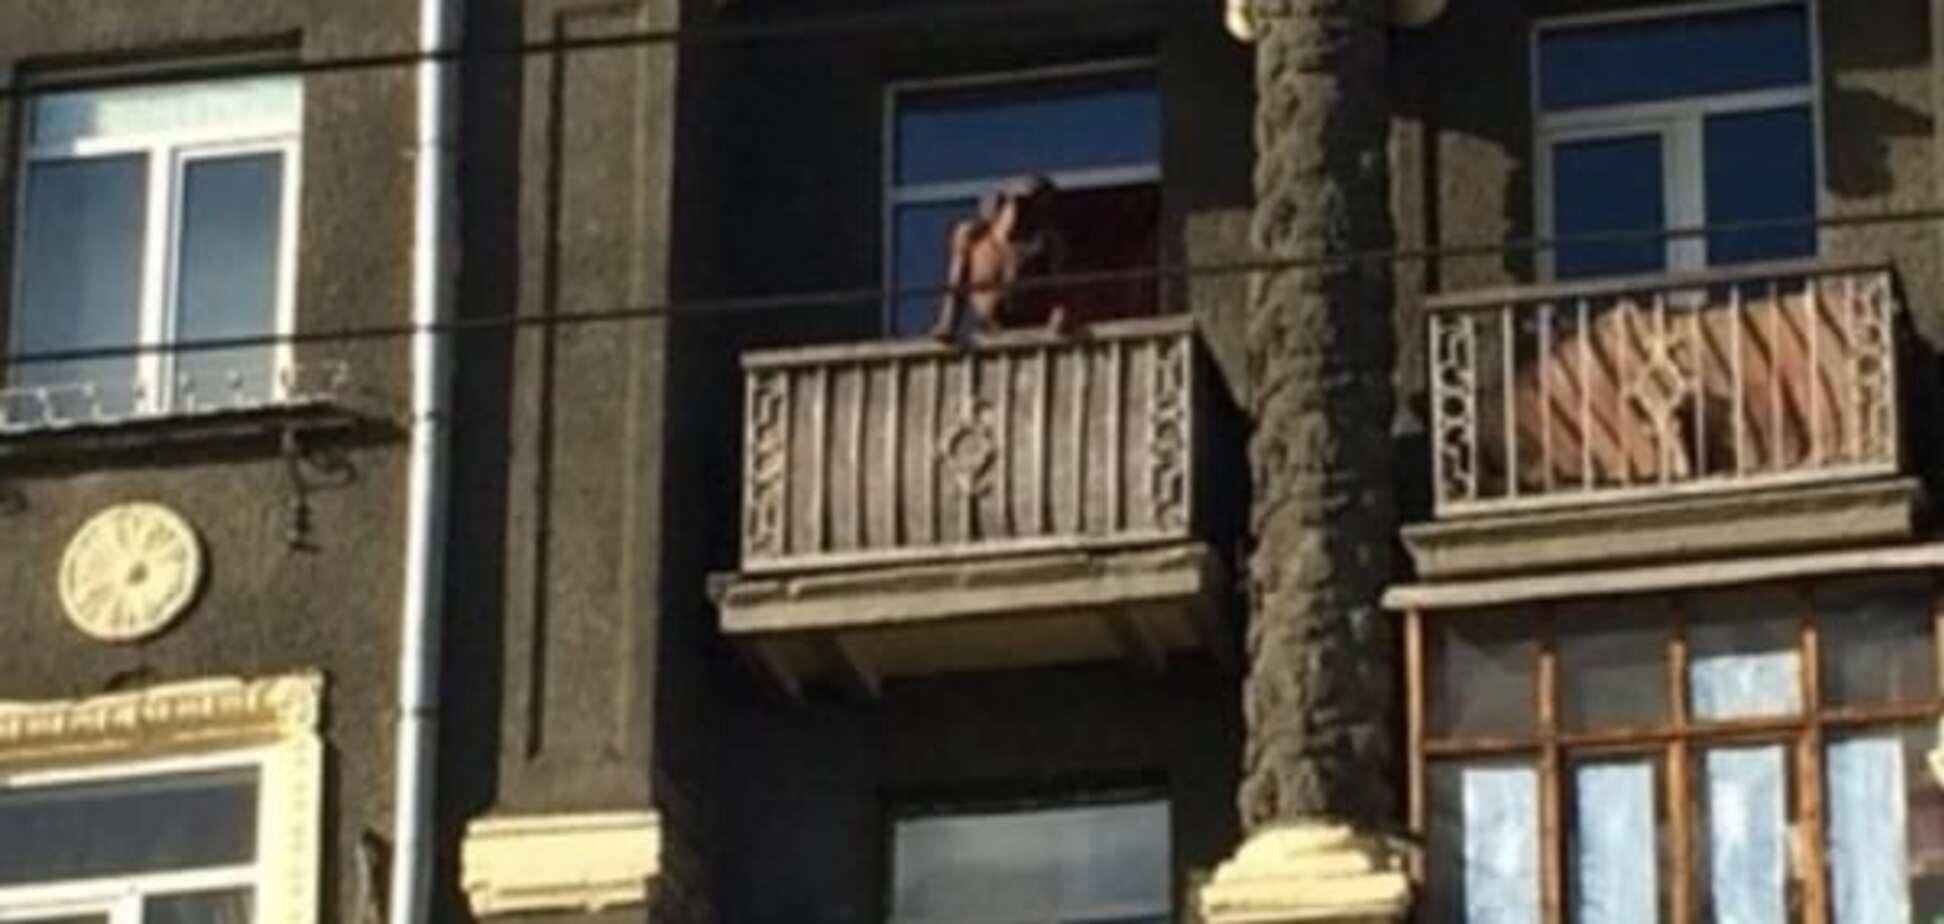 Співав і кидав меблі: у Харкові голий чорношкірий влаштував 'дикі танці' на балконі. Фото і відеофакт